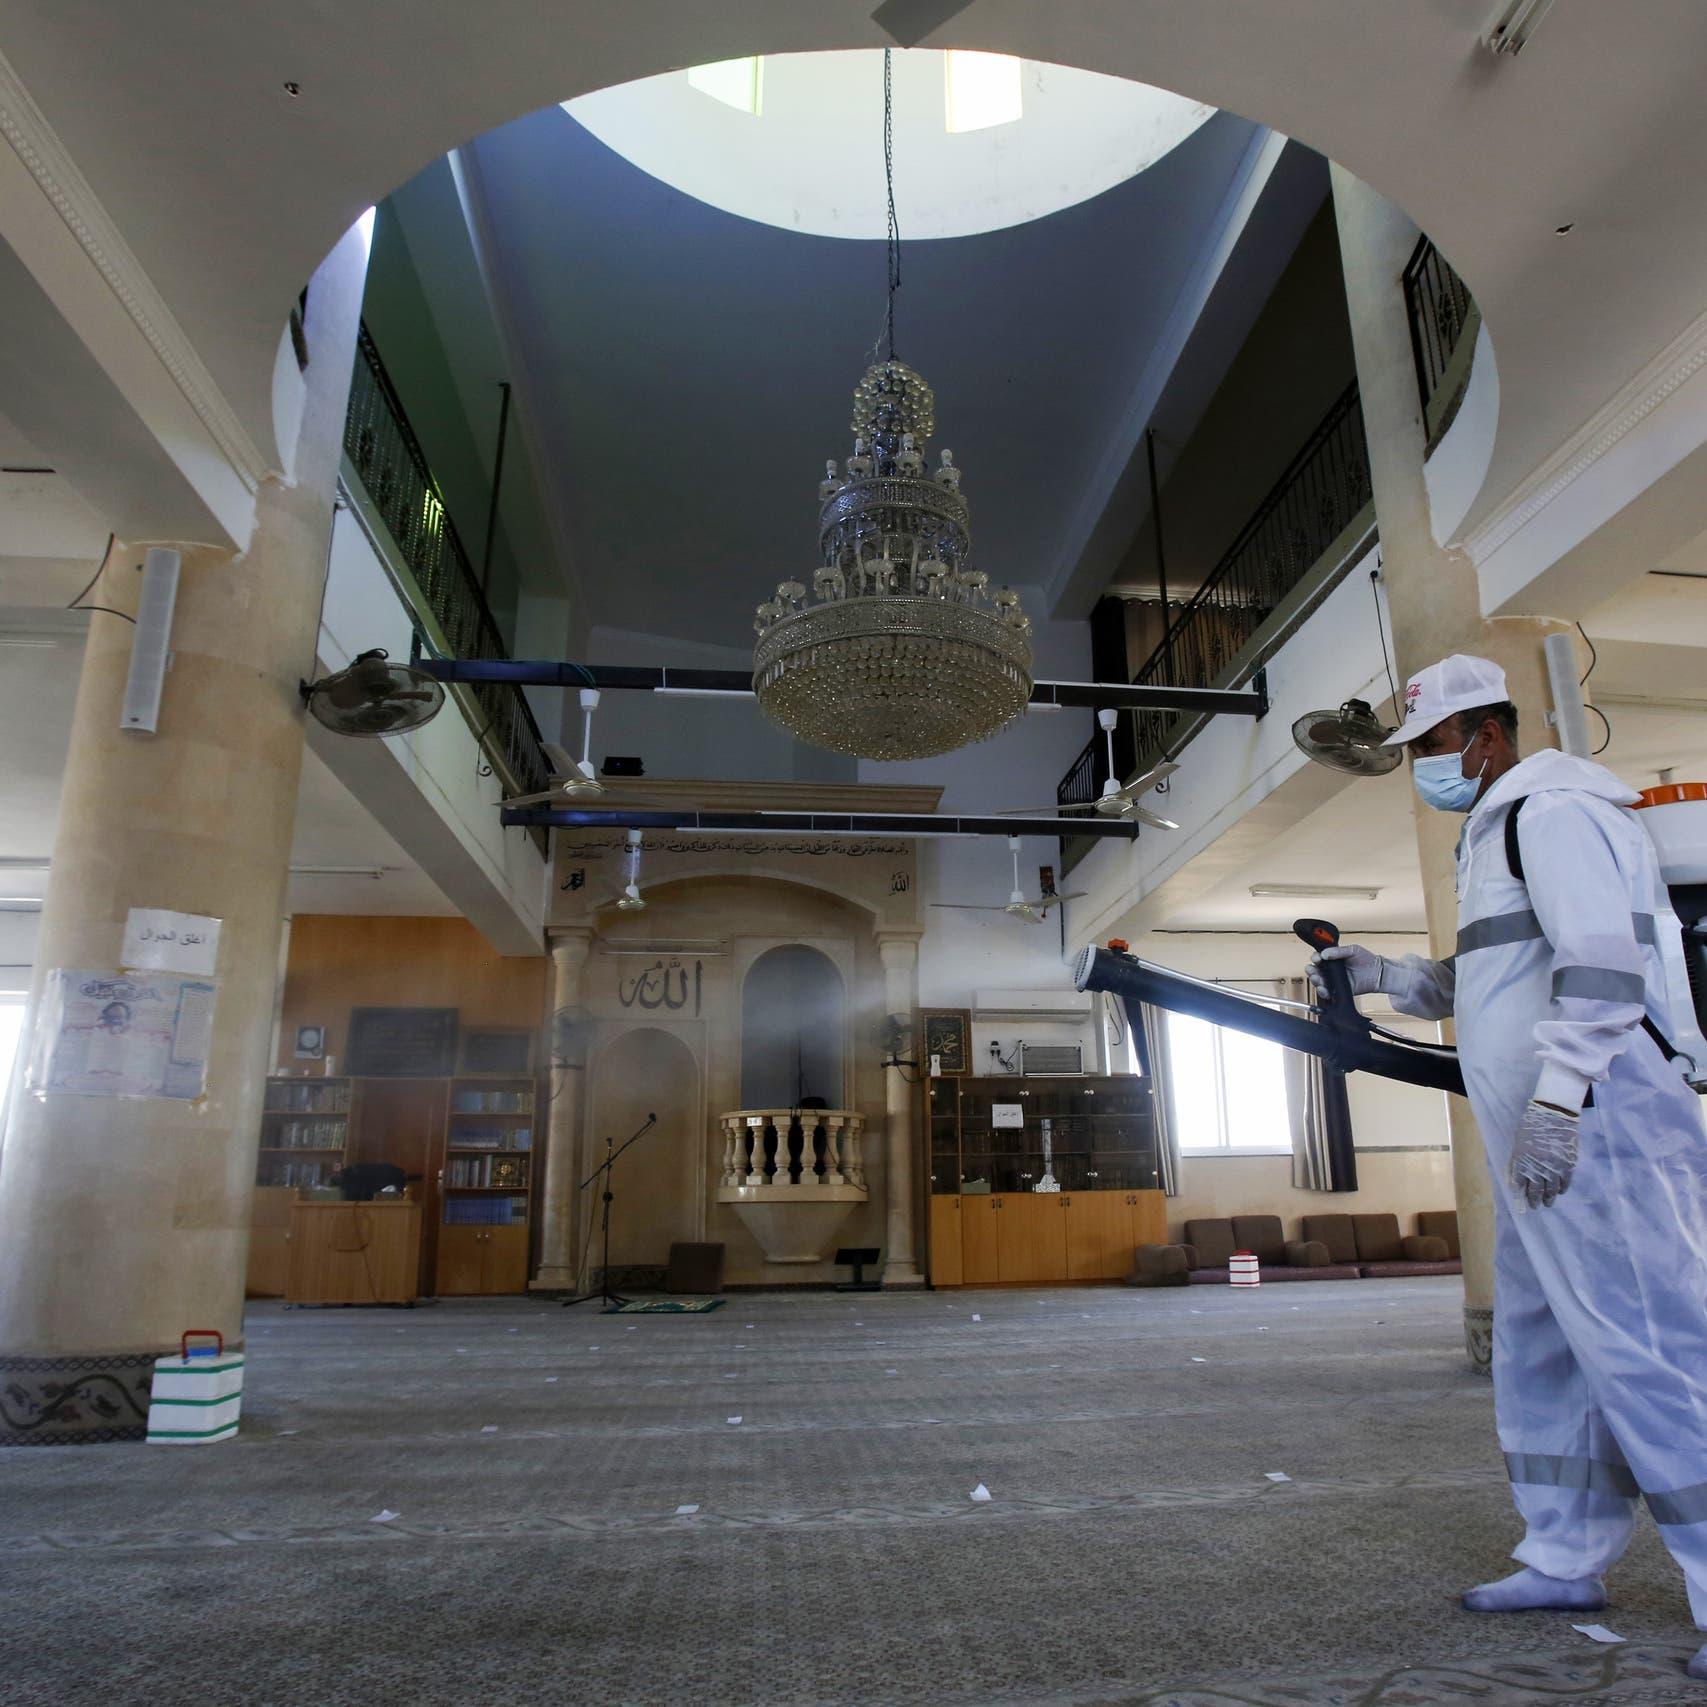 1463 إصابة بكورونا بالعراق.. وموجة ثانية بفلسطين مع 44 حالة